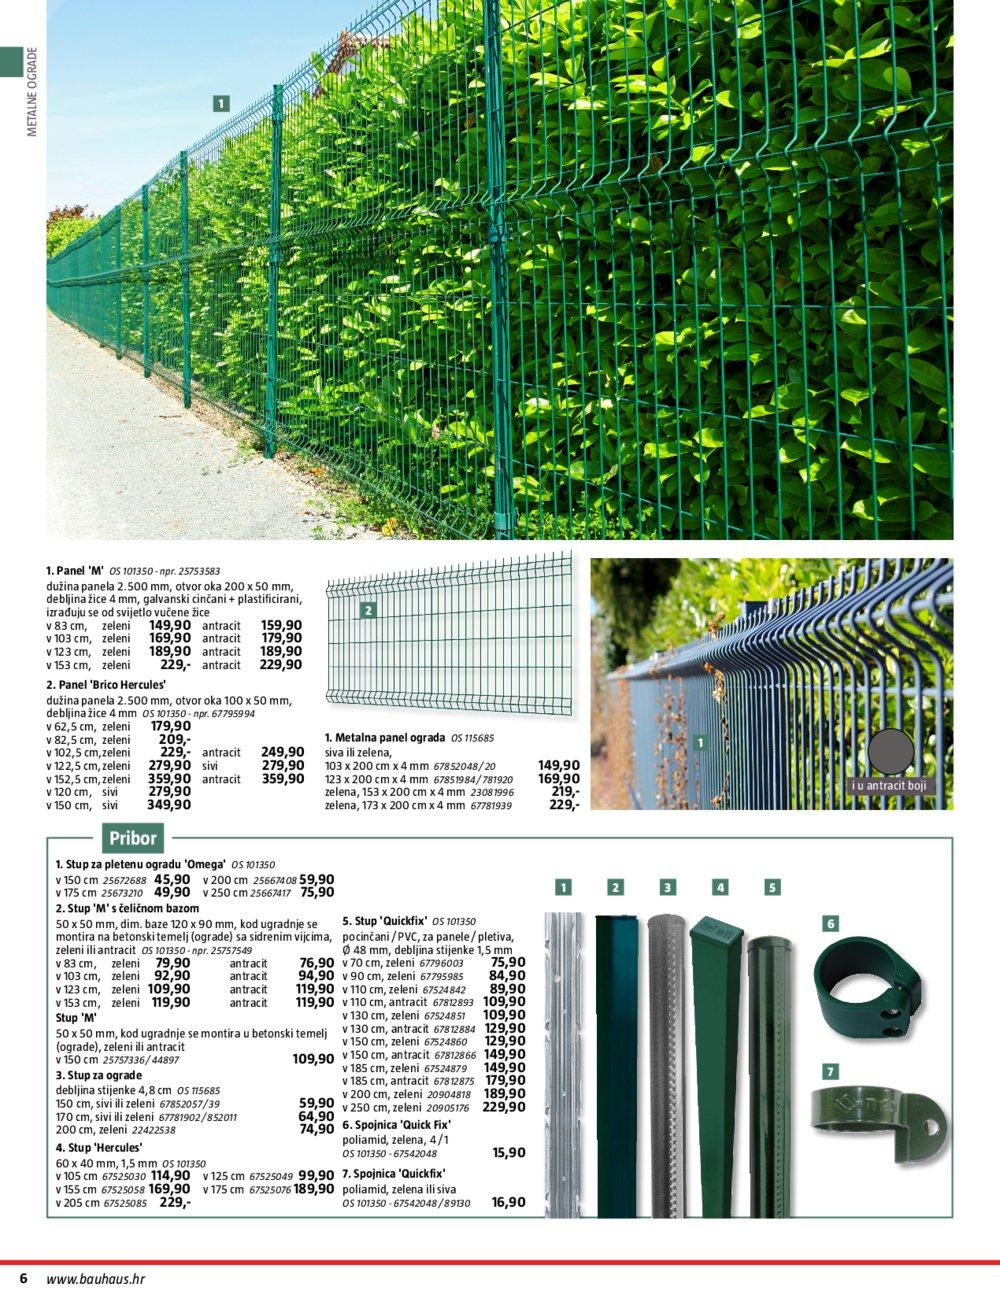 Bauhaus katalog Drvo u vrtu 14.05.-31.08.2020.